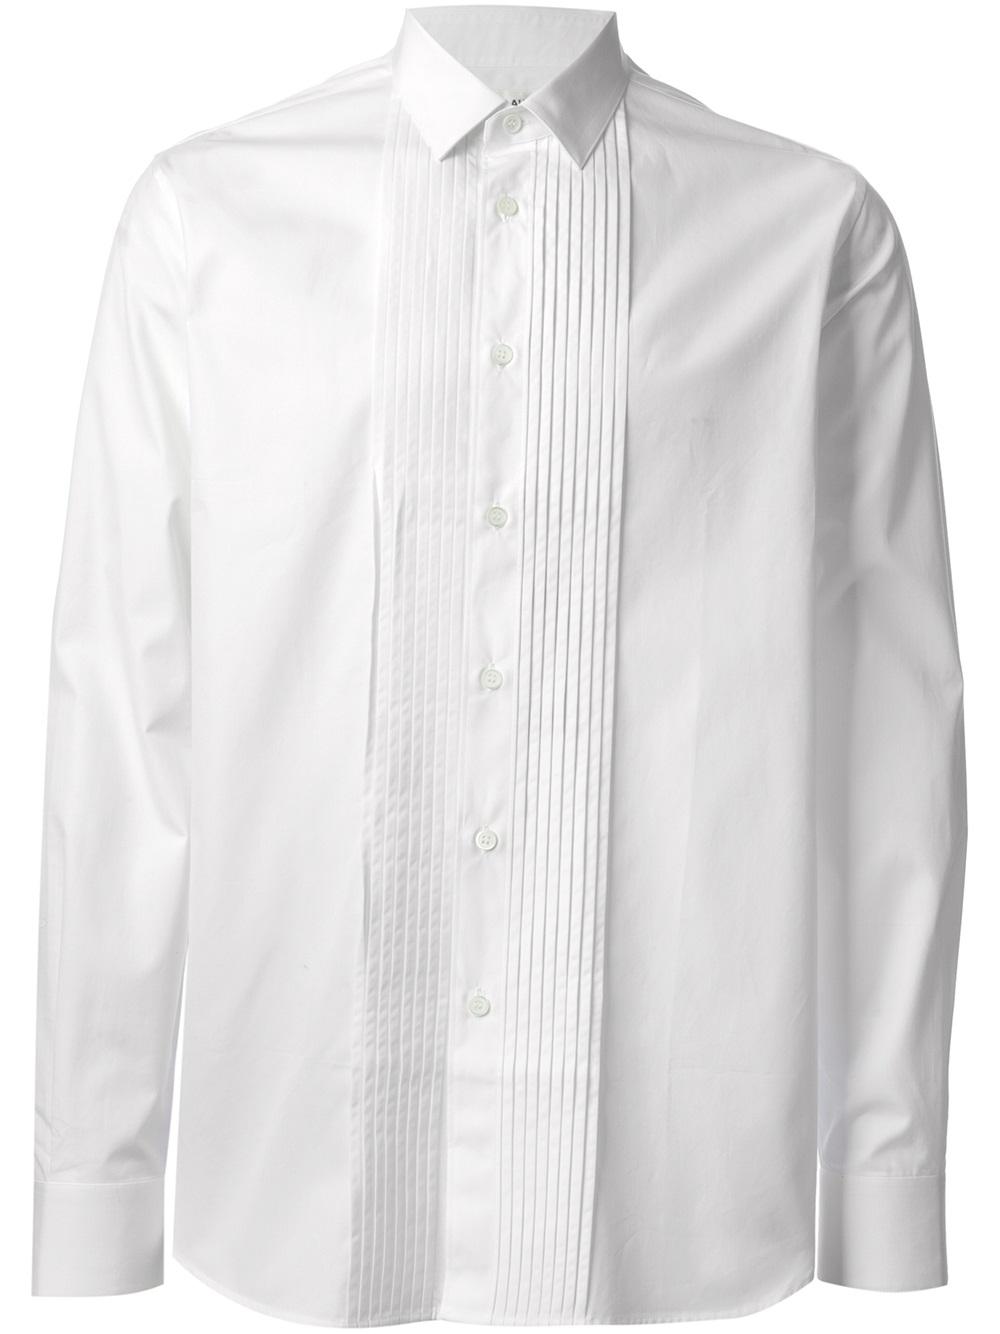 6ab422e808ba76 Lyst - Saint Laurent Pleated Shirt in White for Men